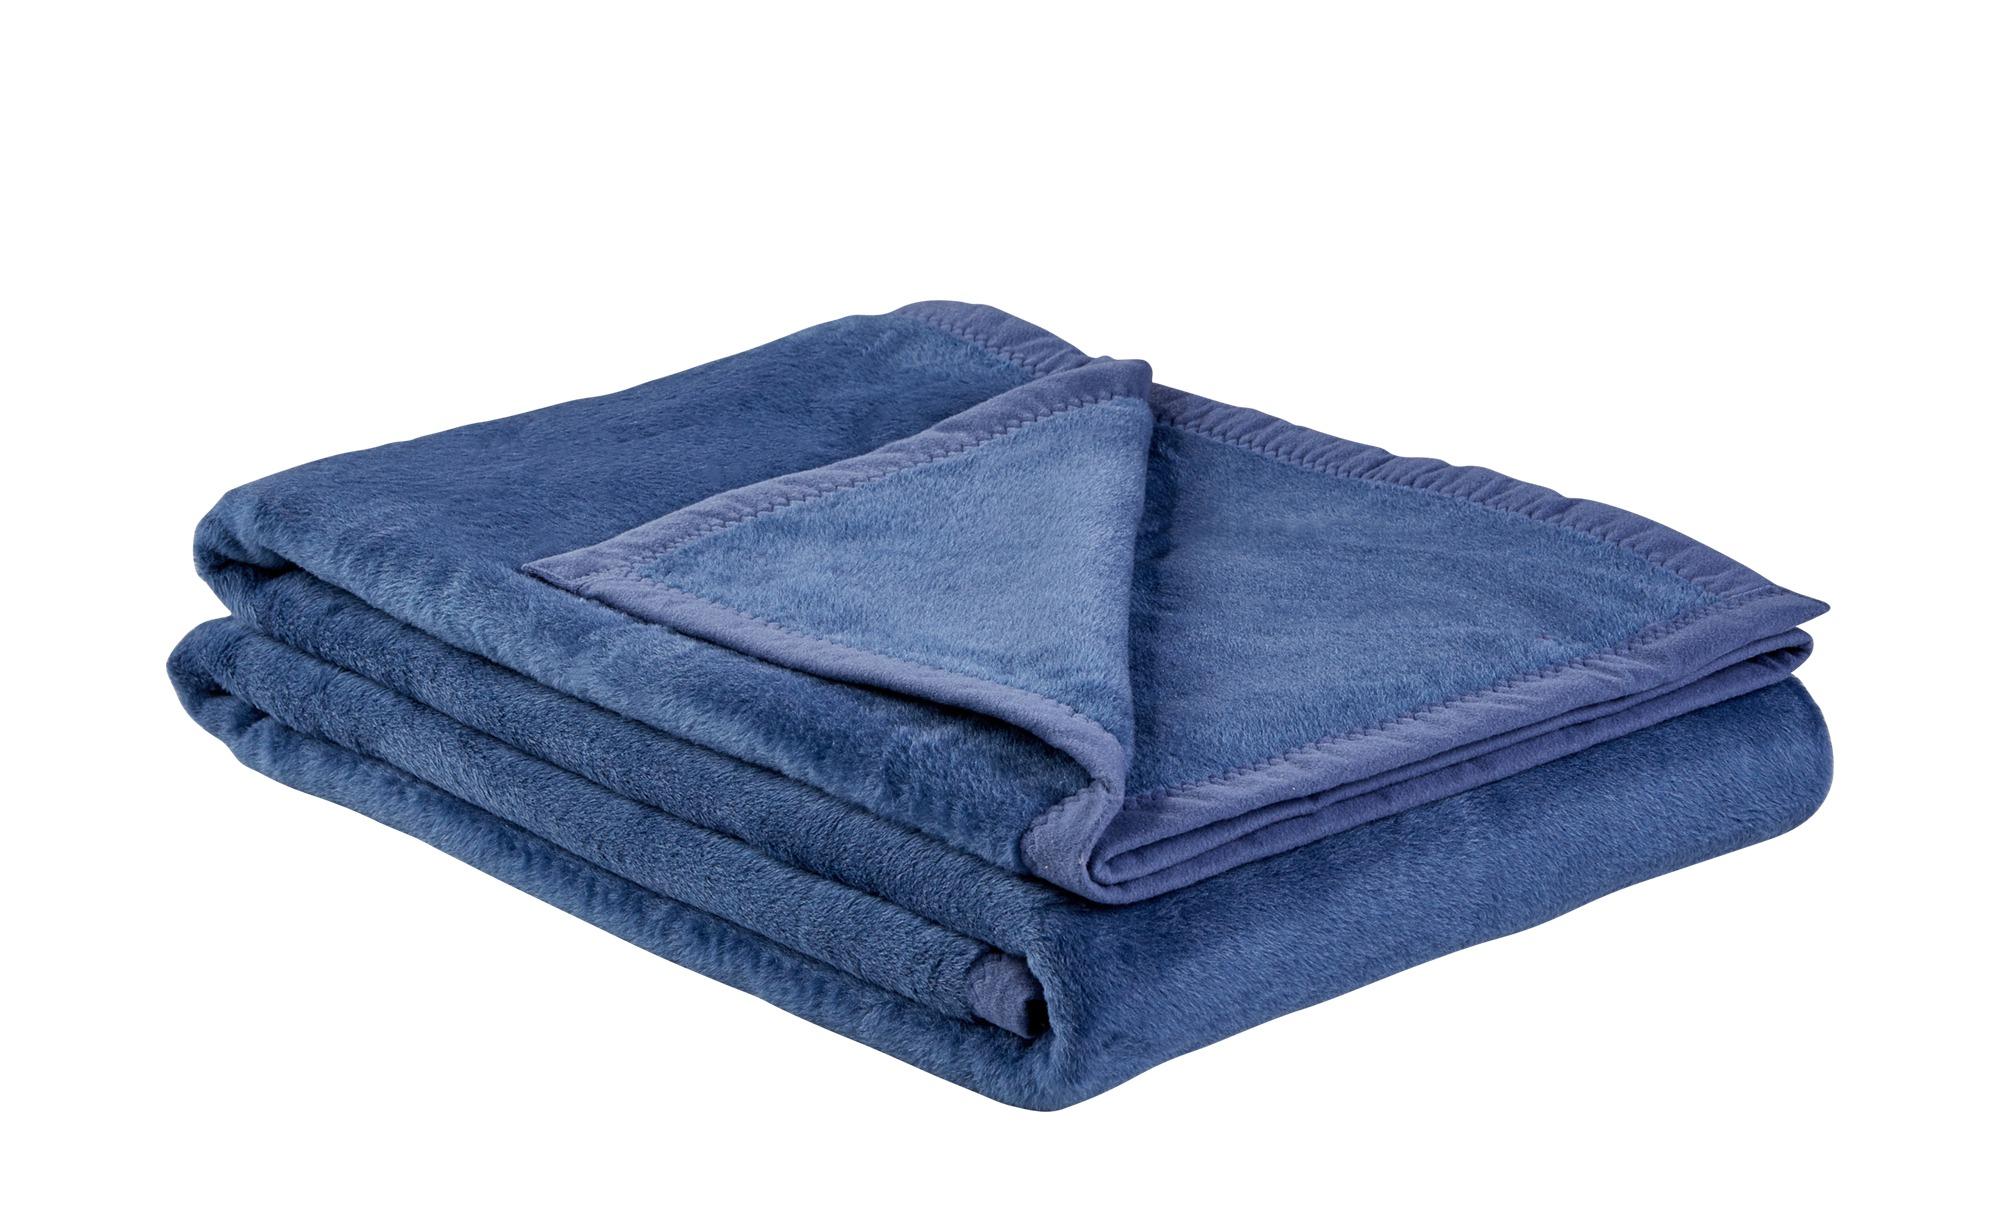 LAVIDA Wohndecke  Catharina ¦ blau ¦ 60% Baumwolle, 40% Polyacryl ¦ Maße (cm): B: 150 Heimtextilien > Kuscheldecken - Höffner